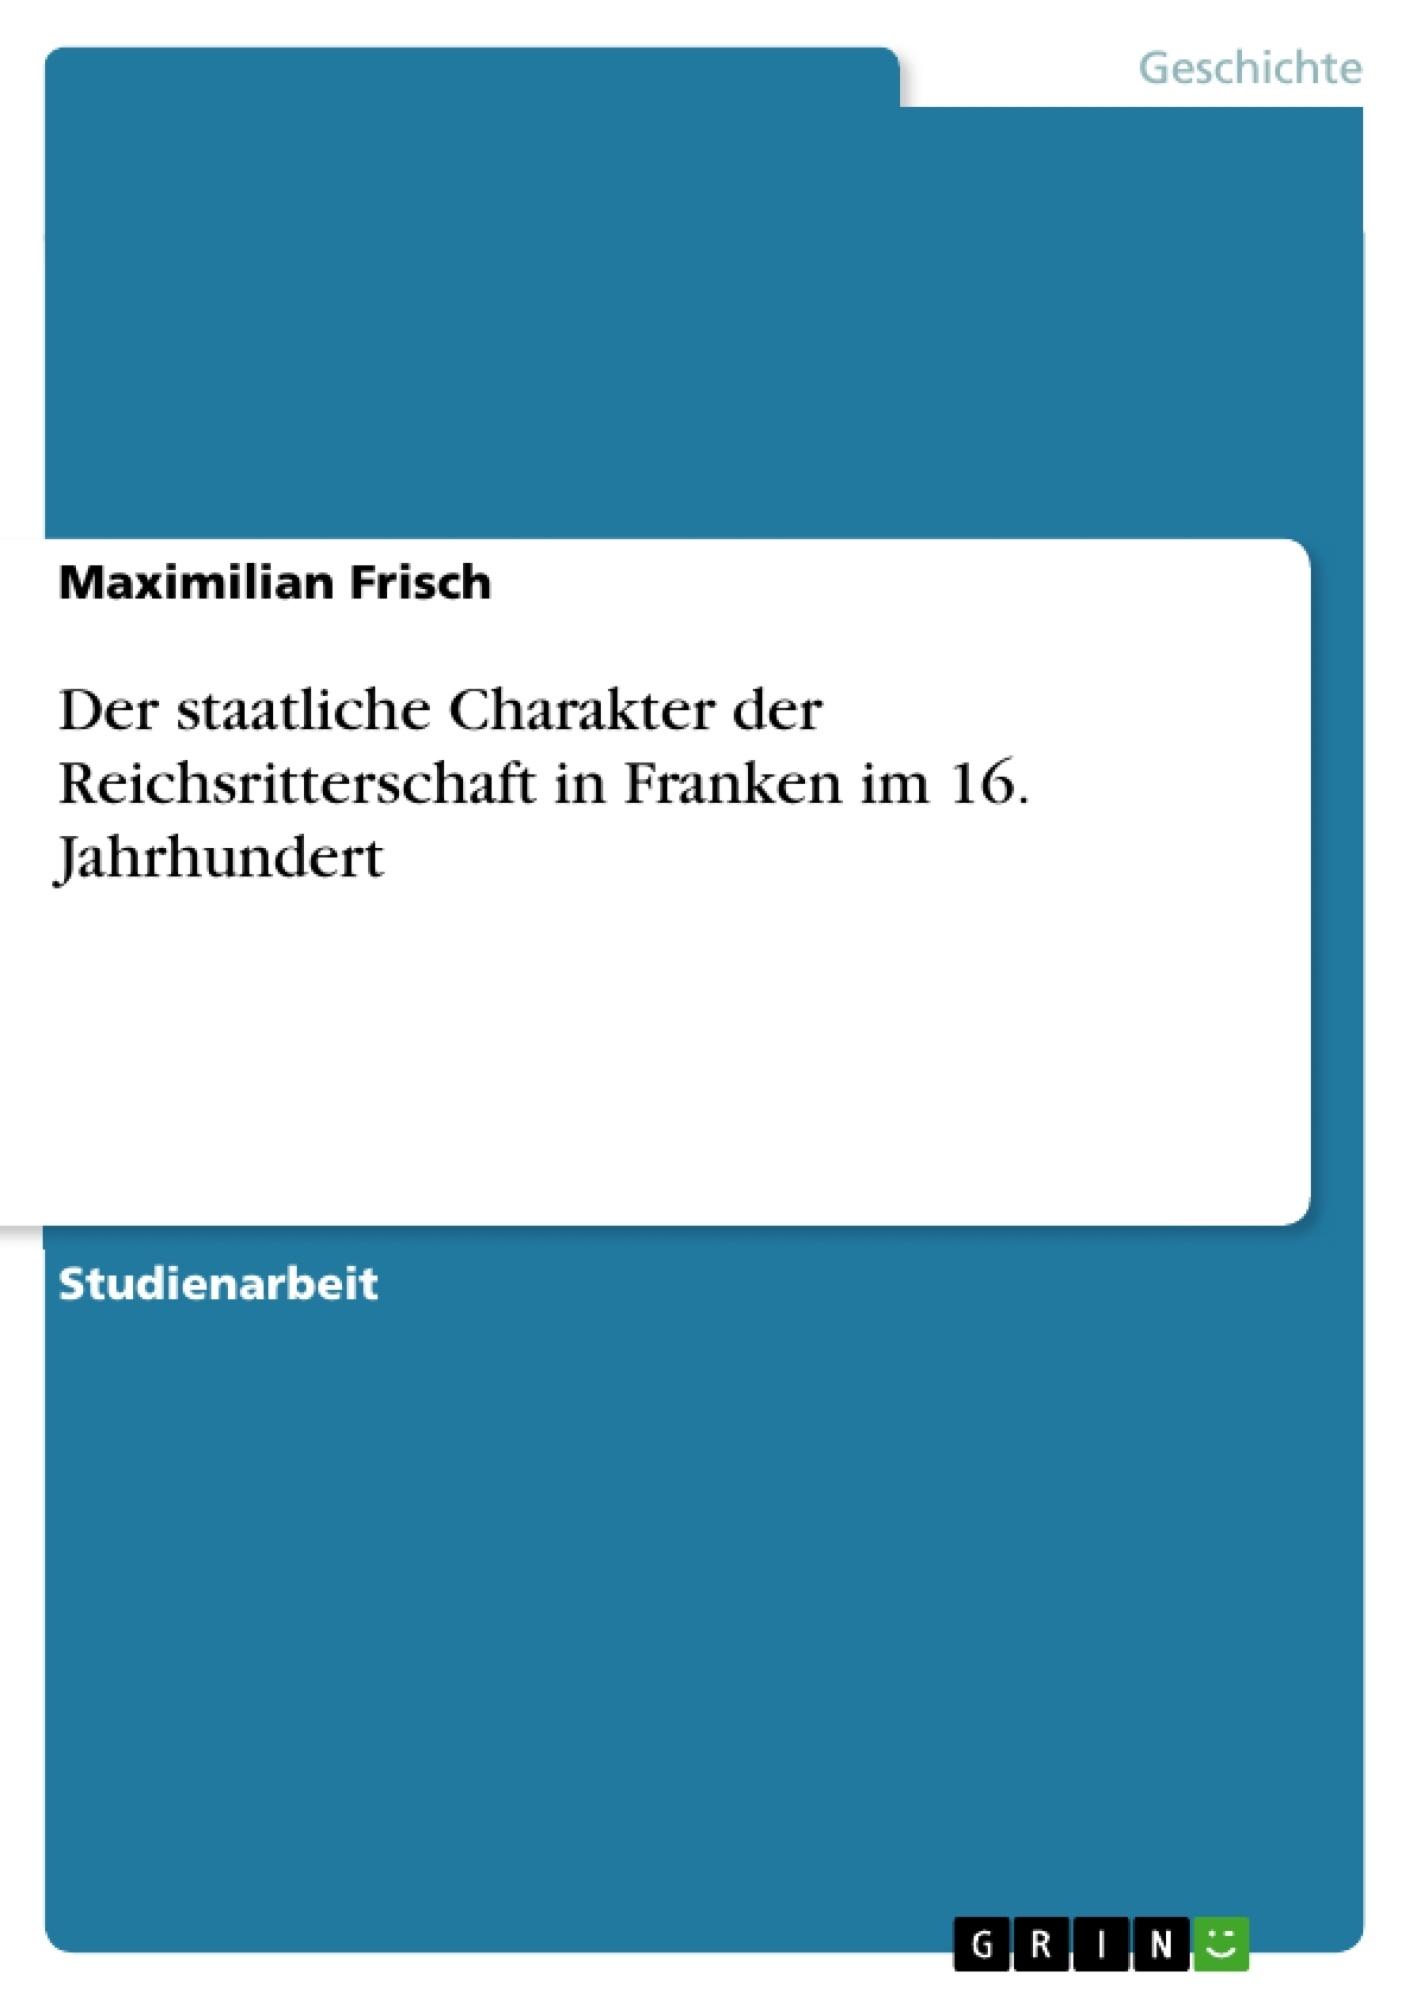 Titel: Der staatliche Charakter der Reichsritterschaft in Franken im 16. Jahrhundert